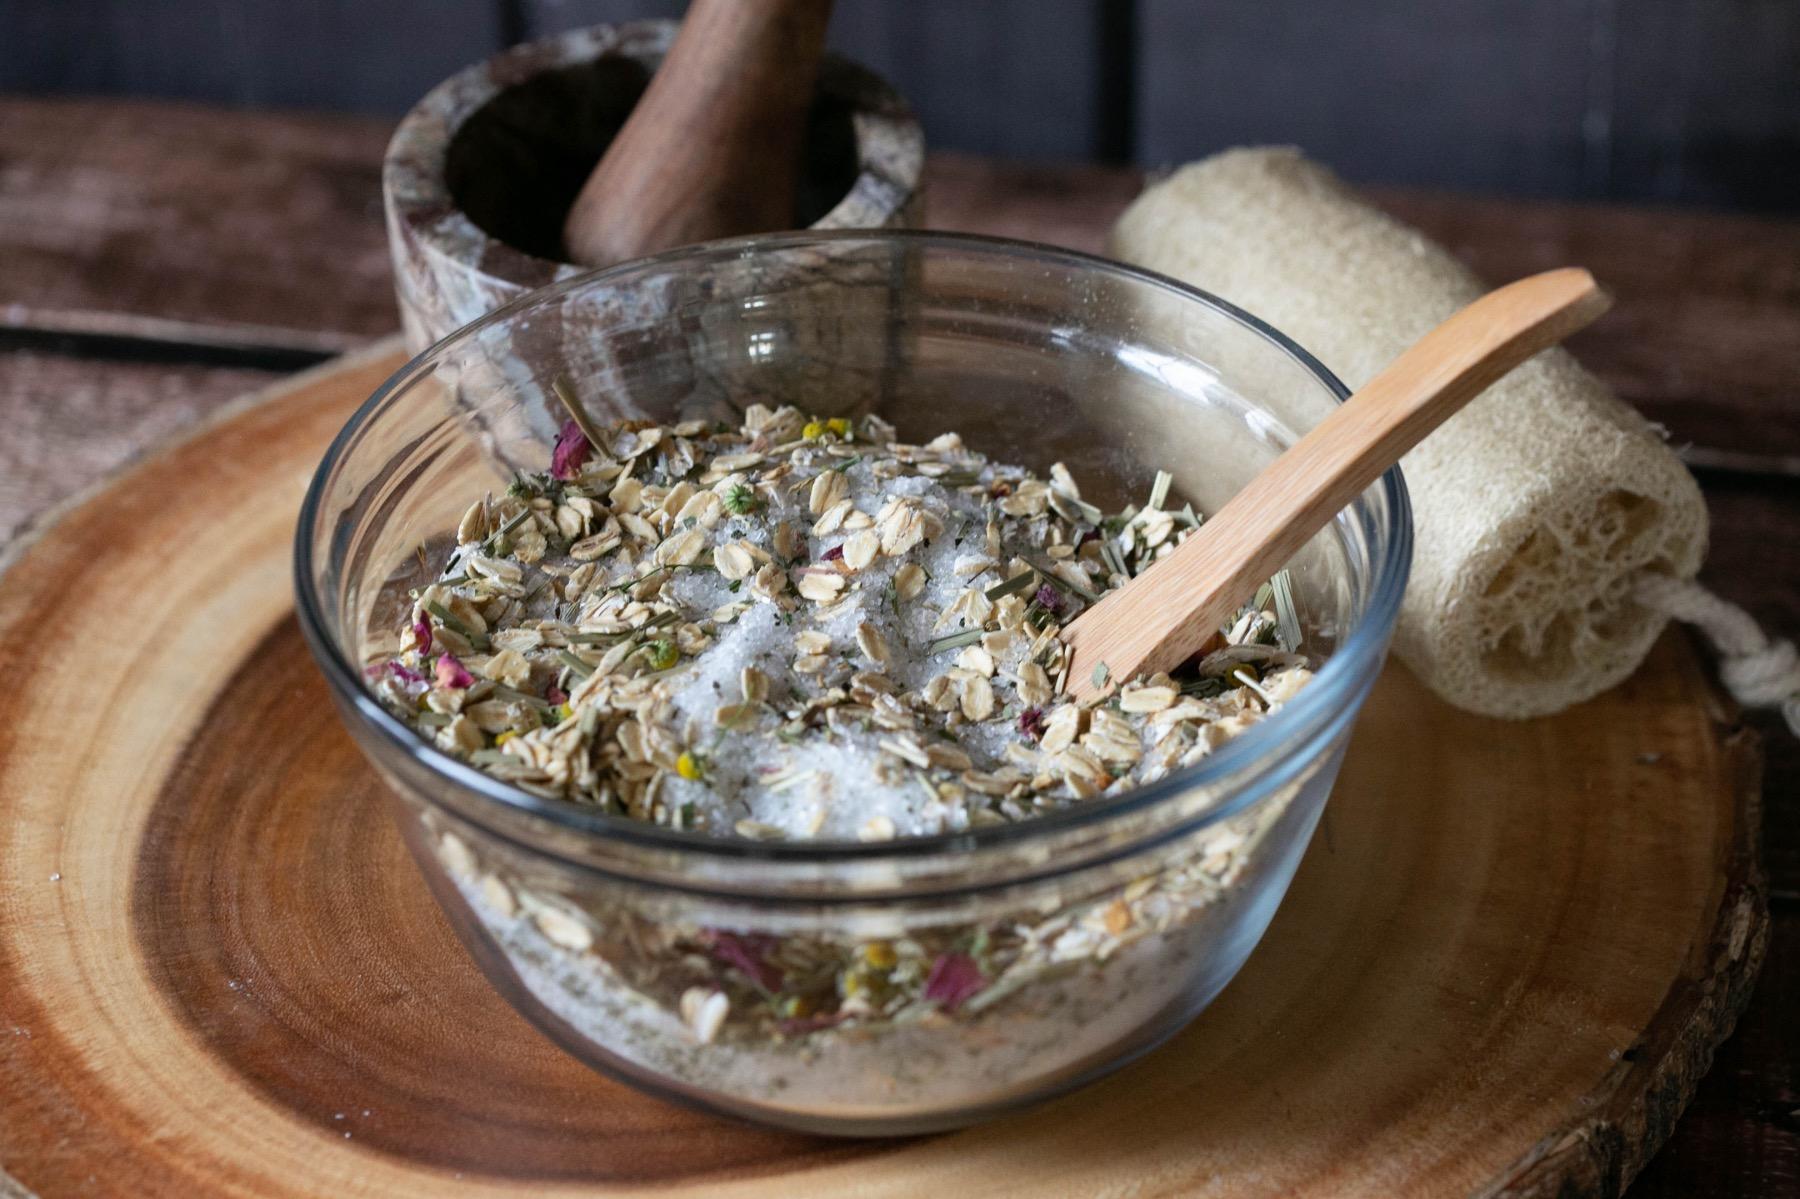 forest bath soak ingredients blended together